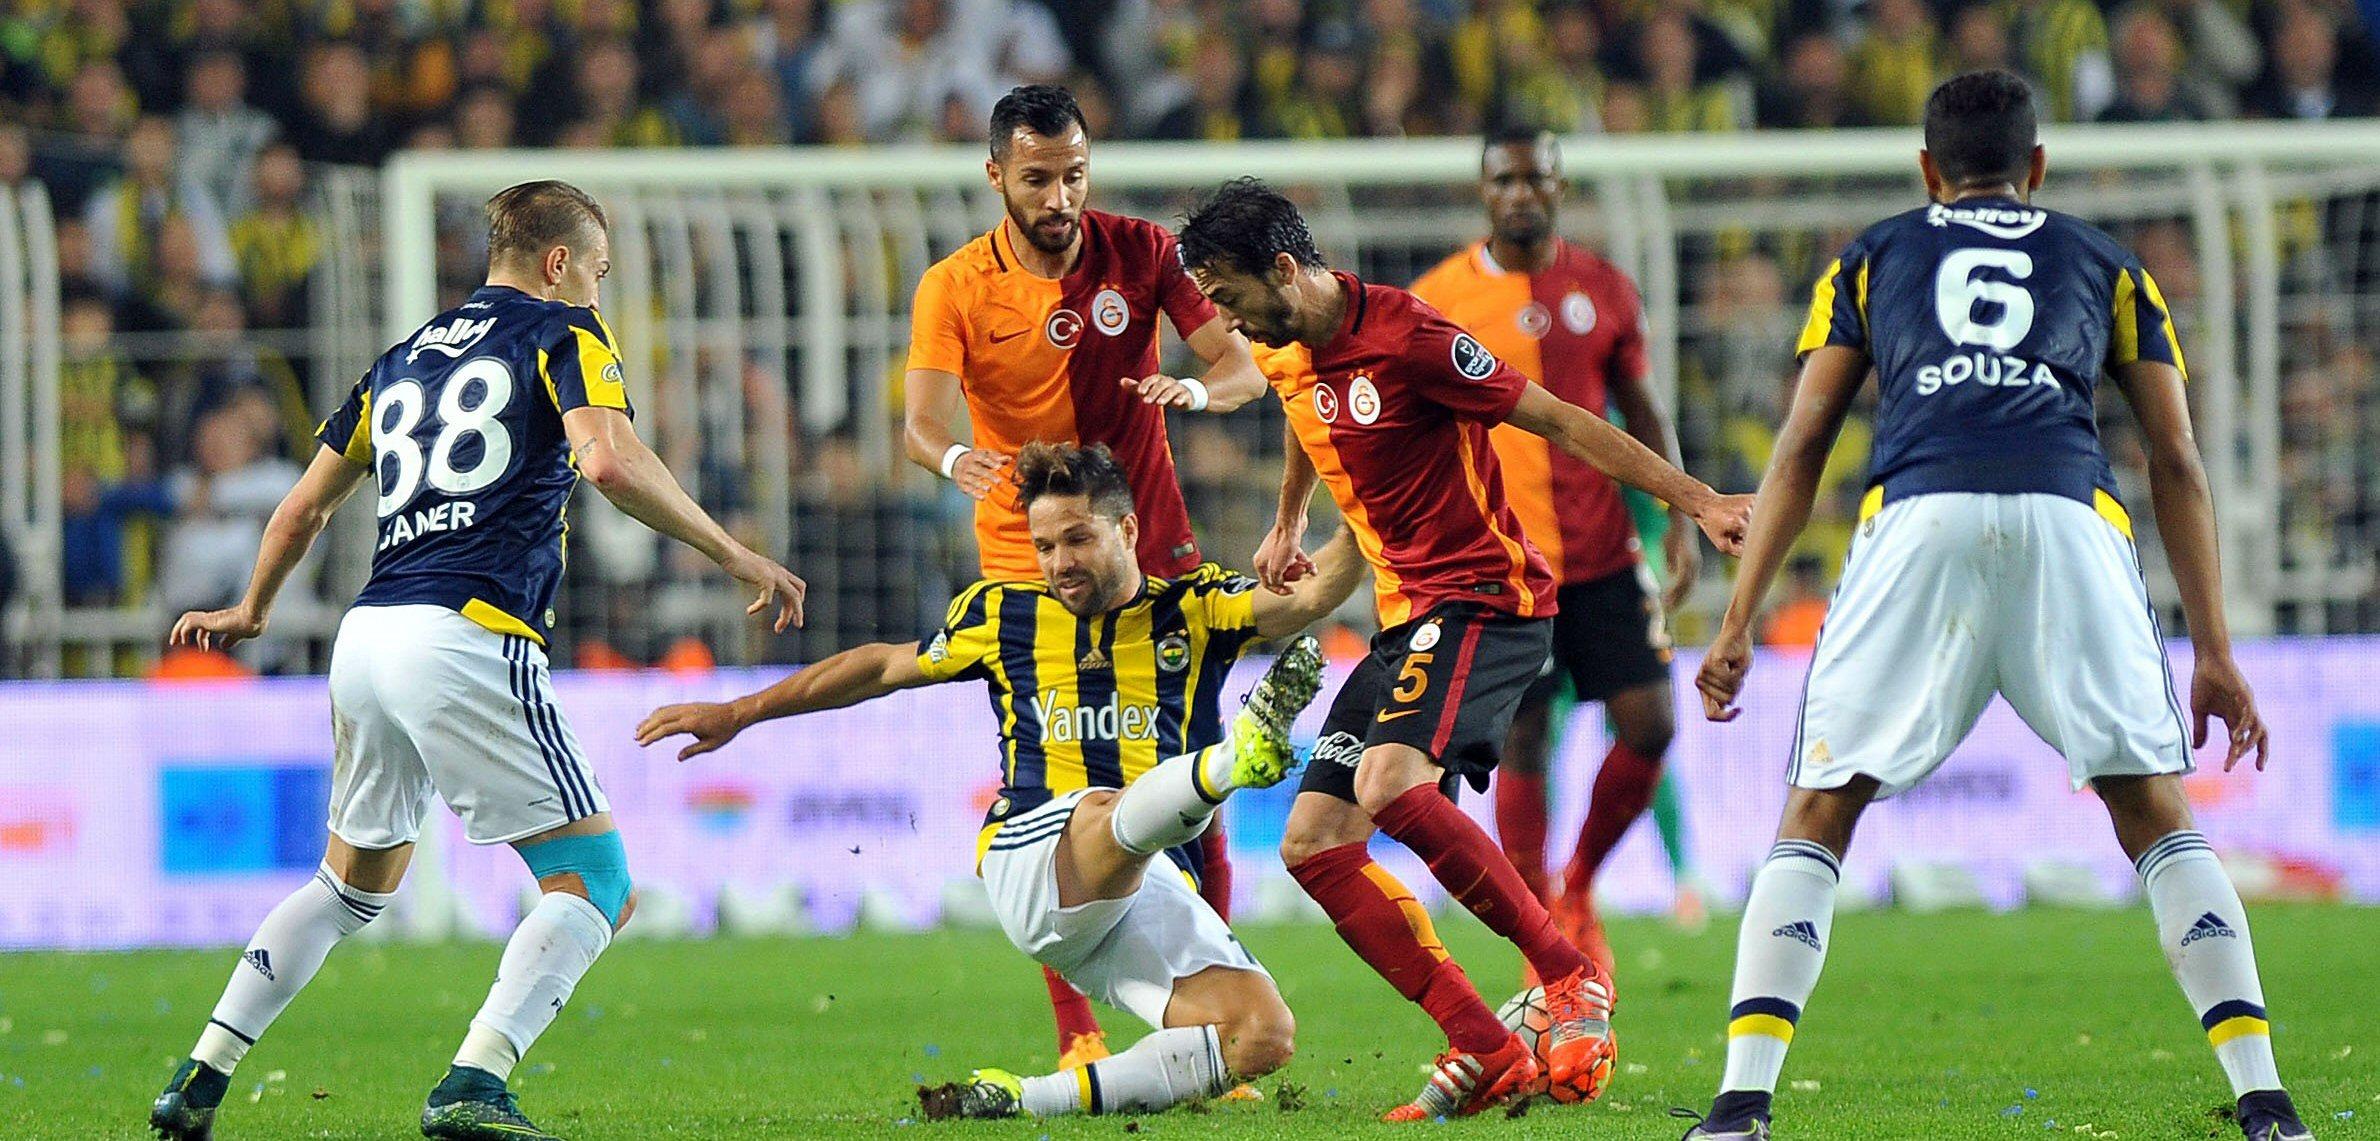 Ziraat Türkiye Kupasında Son 16 Turu Eşleşmeleri Belli Oldu 26